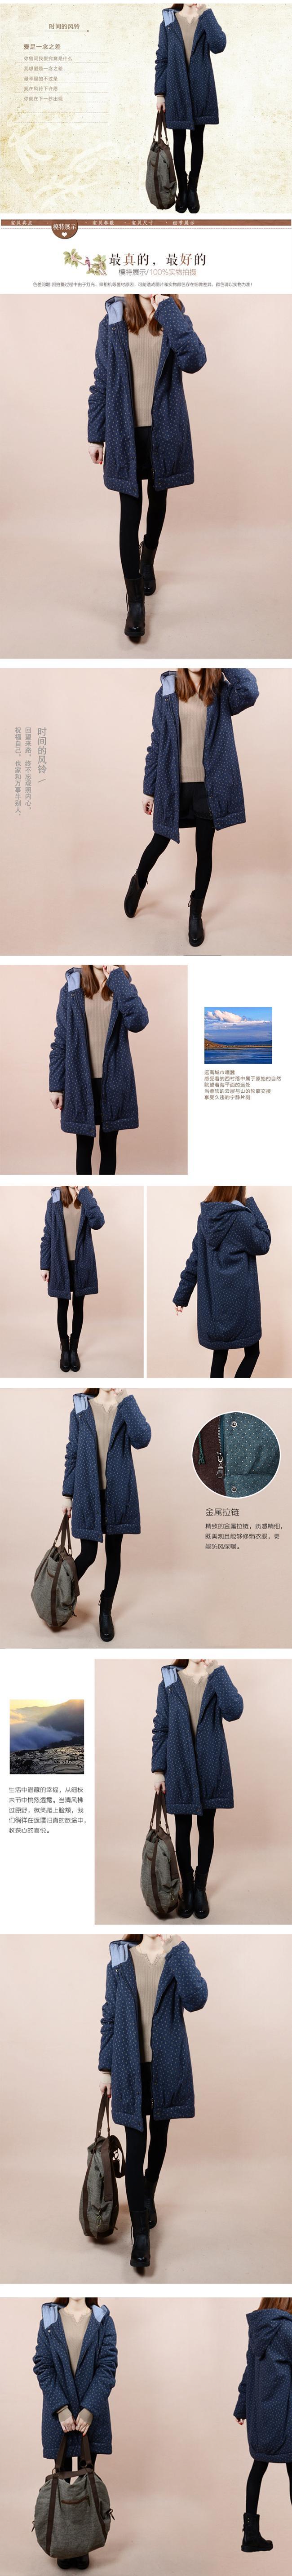 Скидки на Зима небольшой хлопка-ватник горошек куртки ватные женщина долго дизайн утолщение ватные куртки случайные хлопка-мягкий